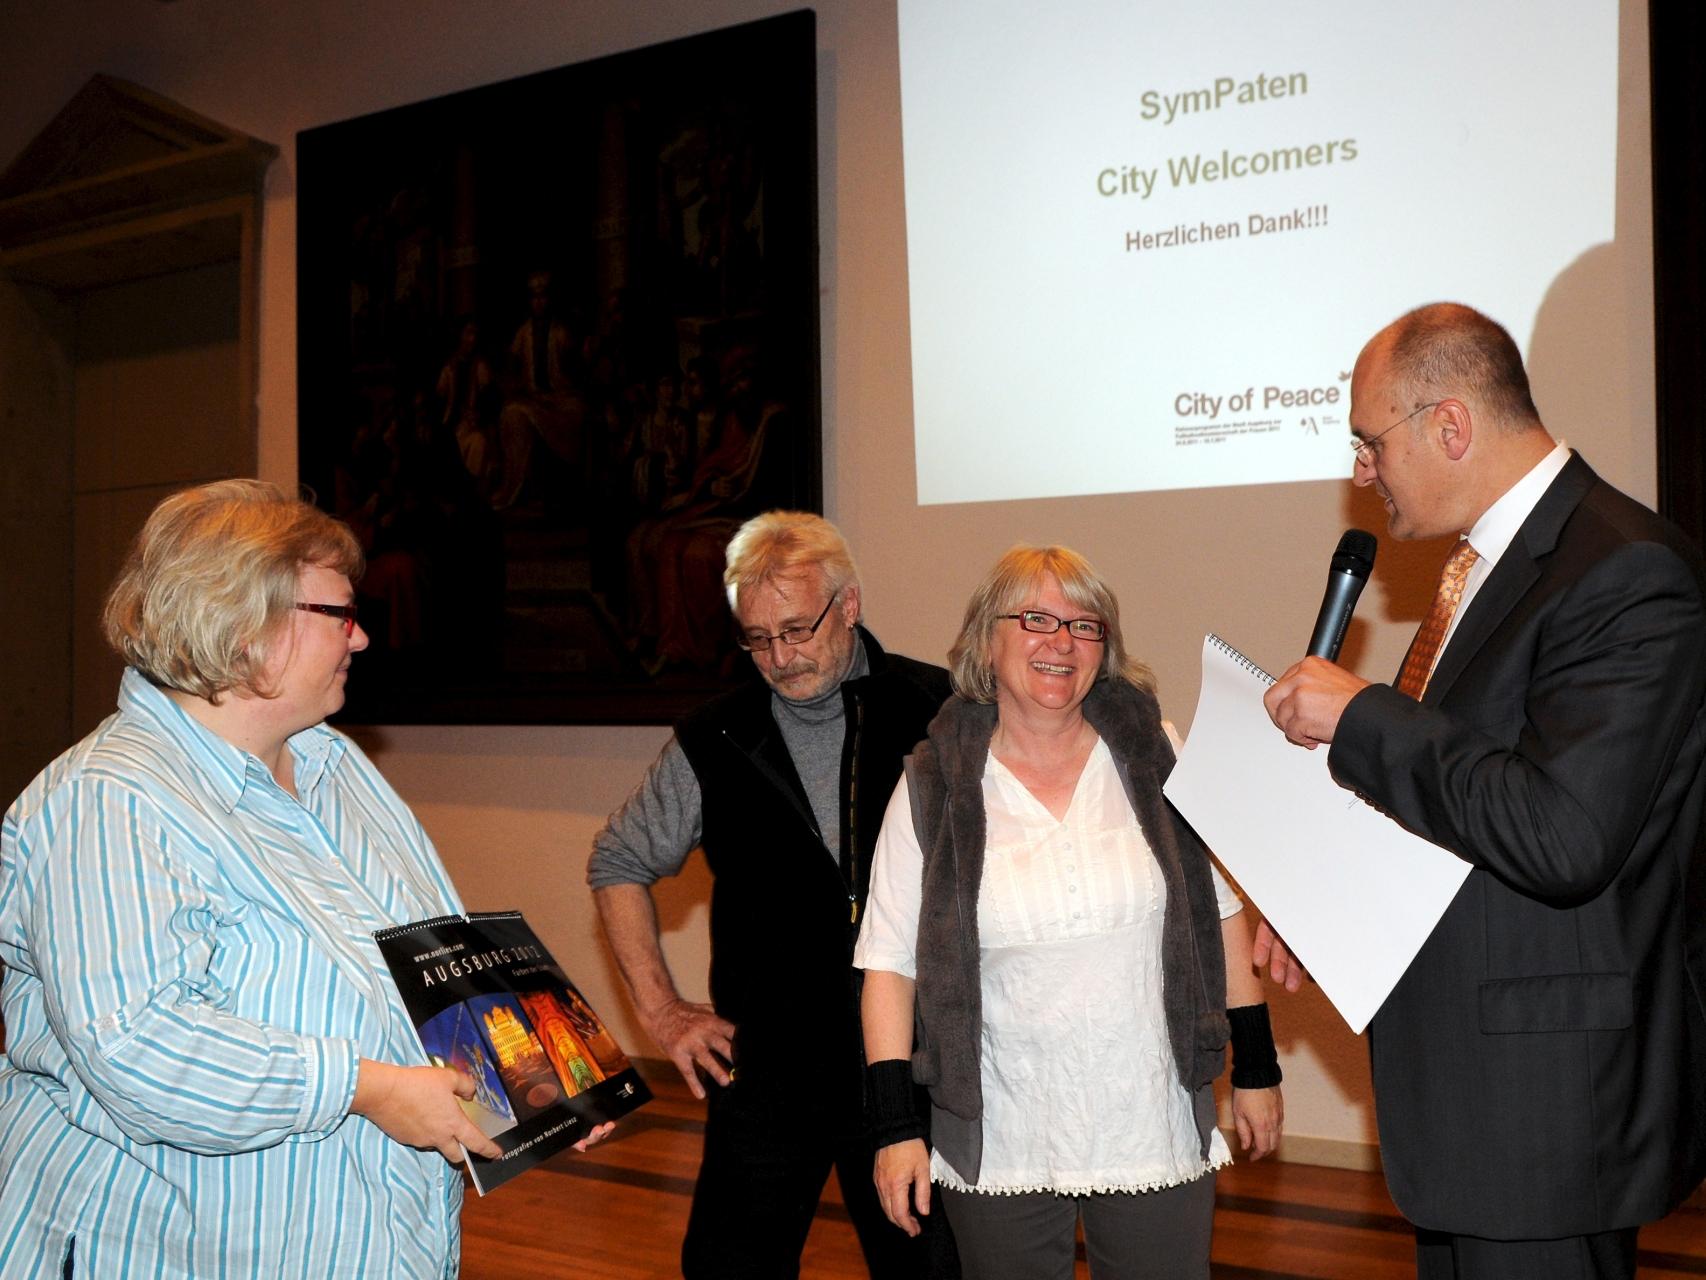 SymPaten - City Welcomers 2011 - Dankeschön-Fest 25.10.2011 Oberer Fletz Rathaus - Foto: Siegfried Kerpf - Freiwilligen-Zentrum Augsburg